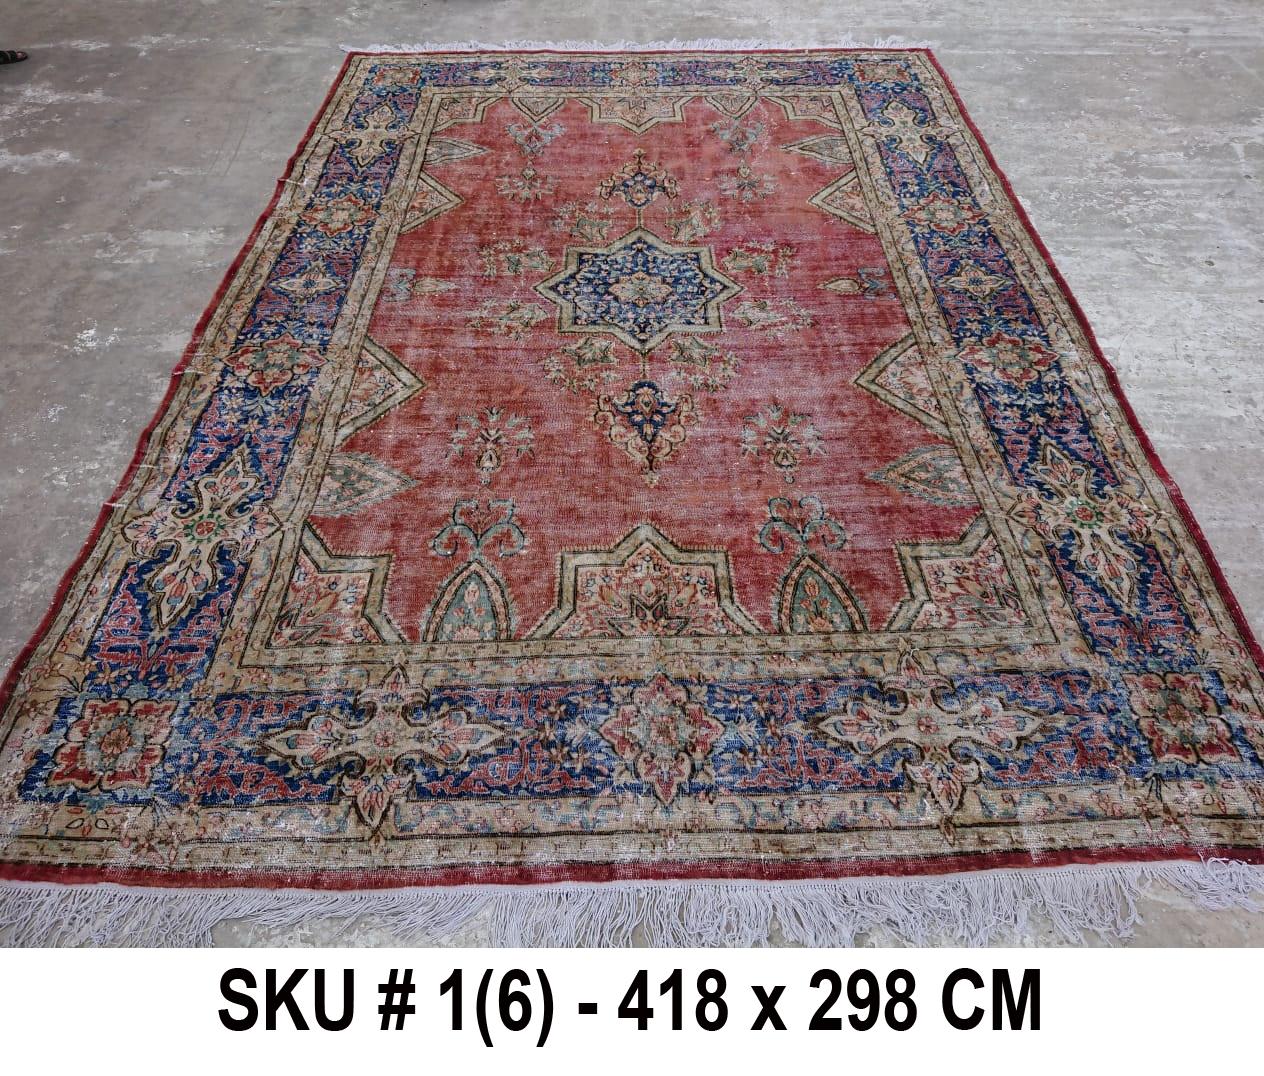 Vintage vloerkleed rood en blauw, nr.59004, 418cm x 298cm